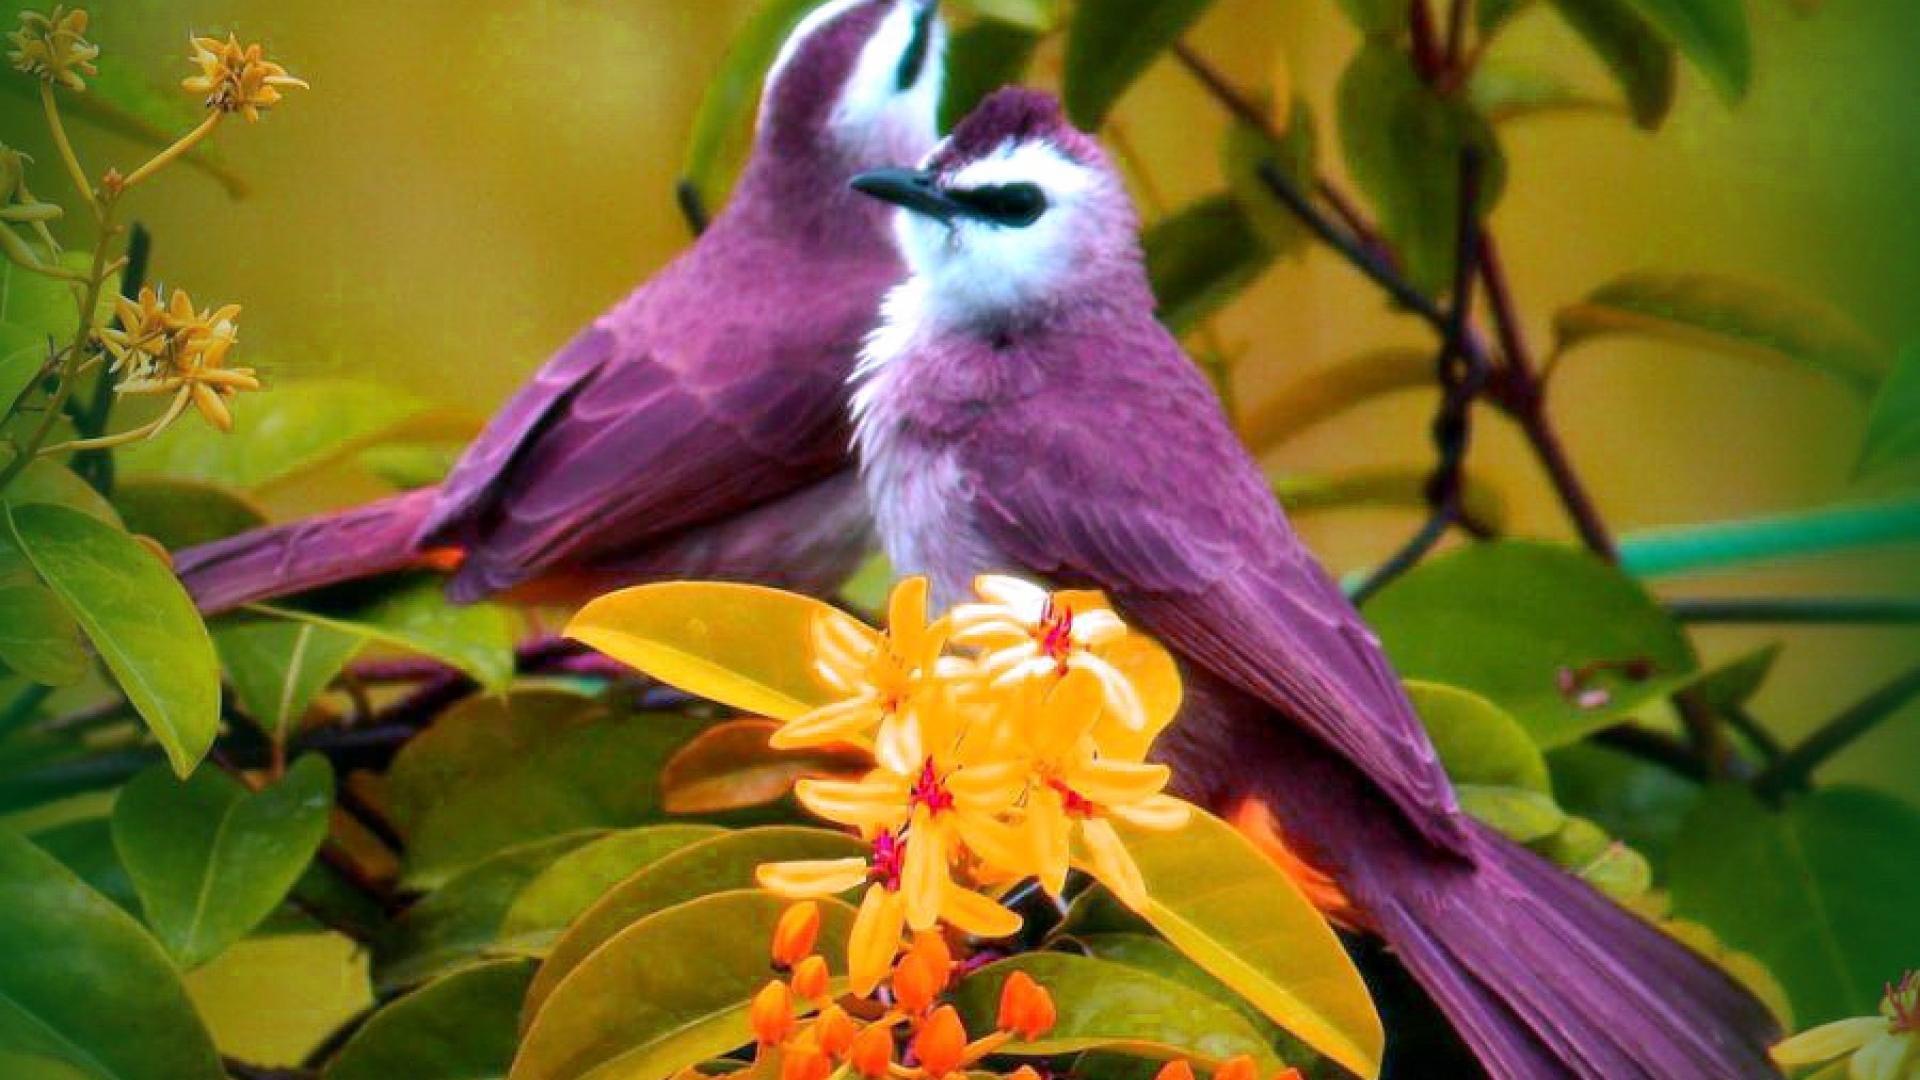 yellow bird on purple